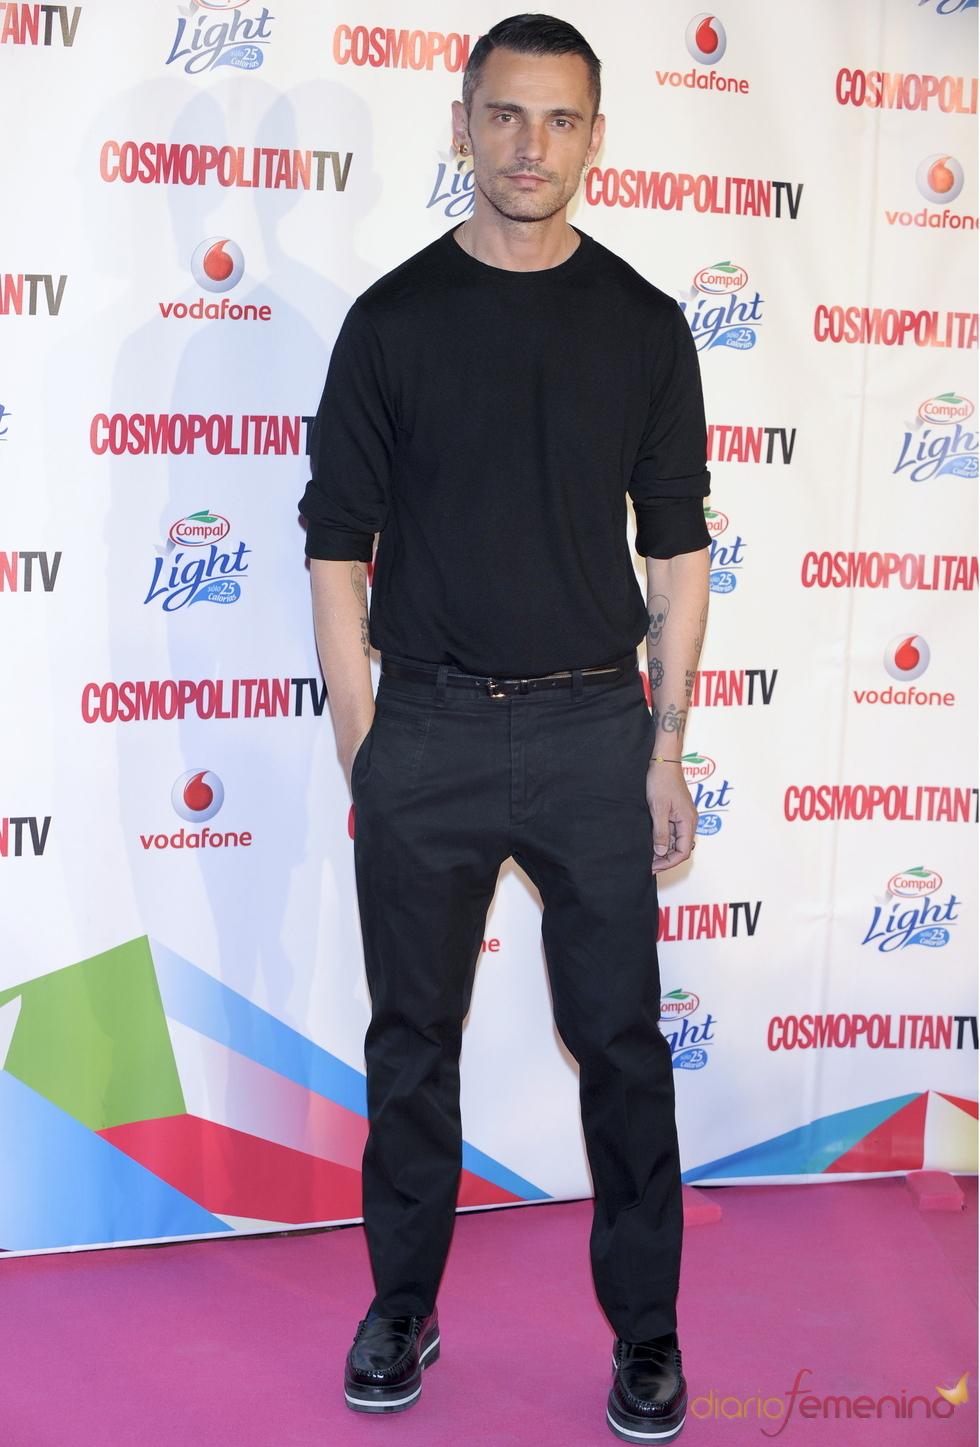 David Delfín en los Premios Cosmopolitan TV